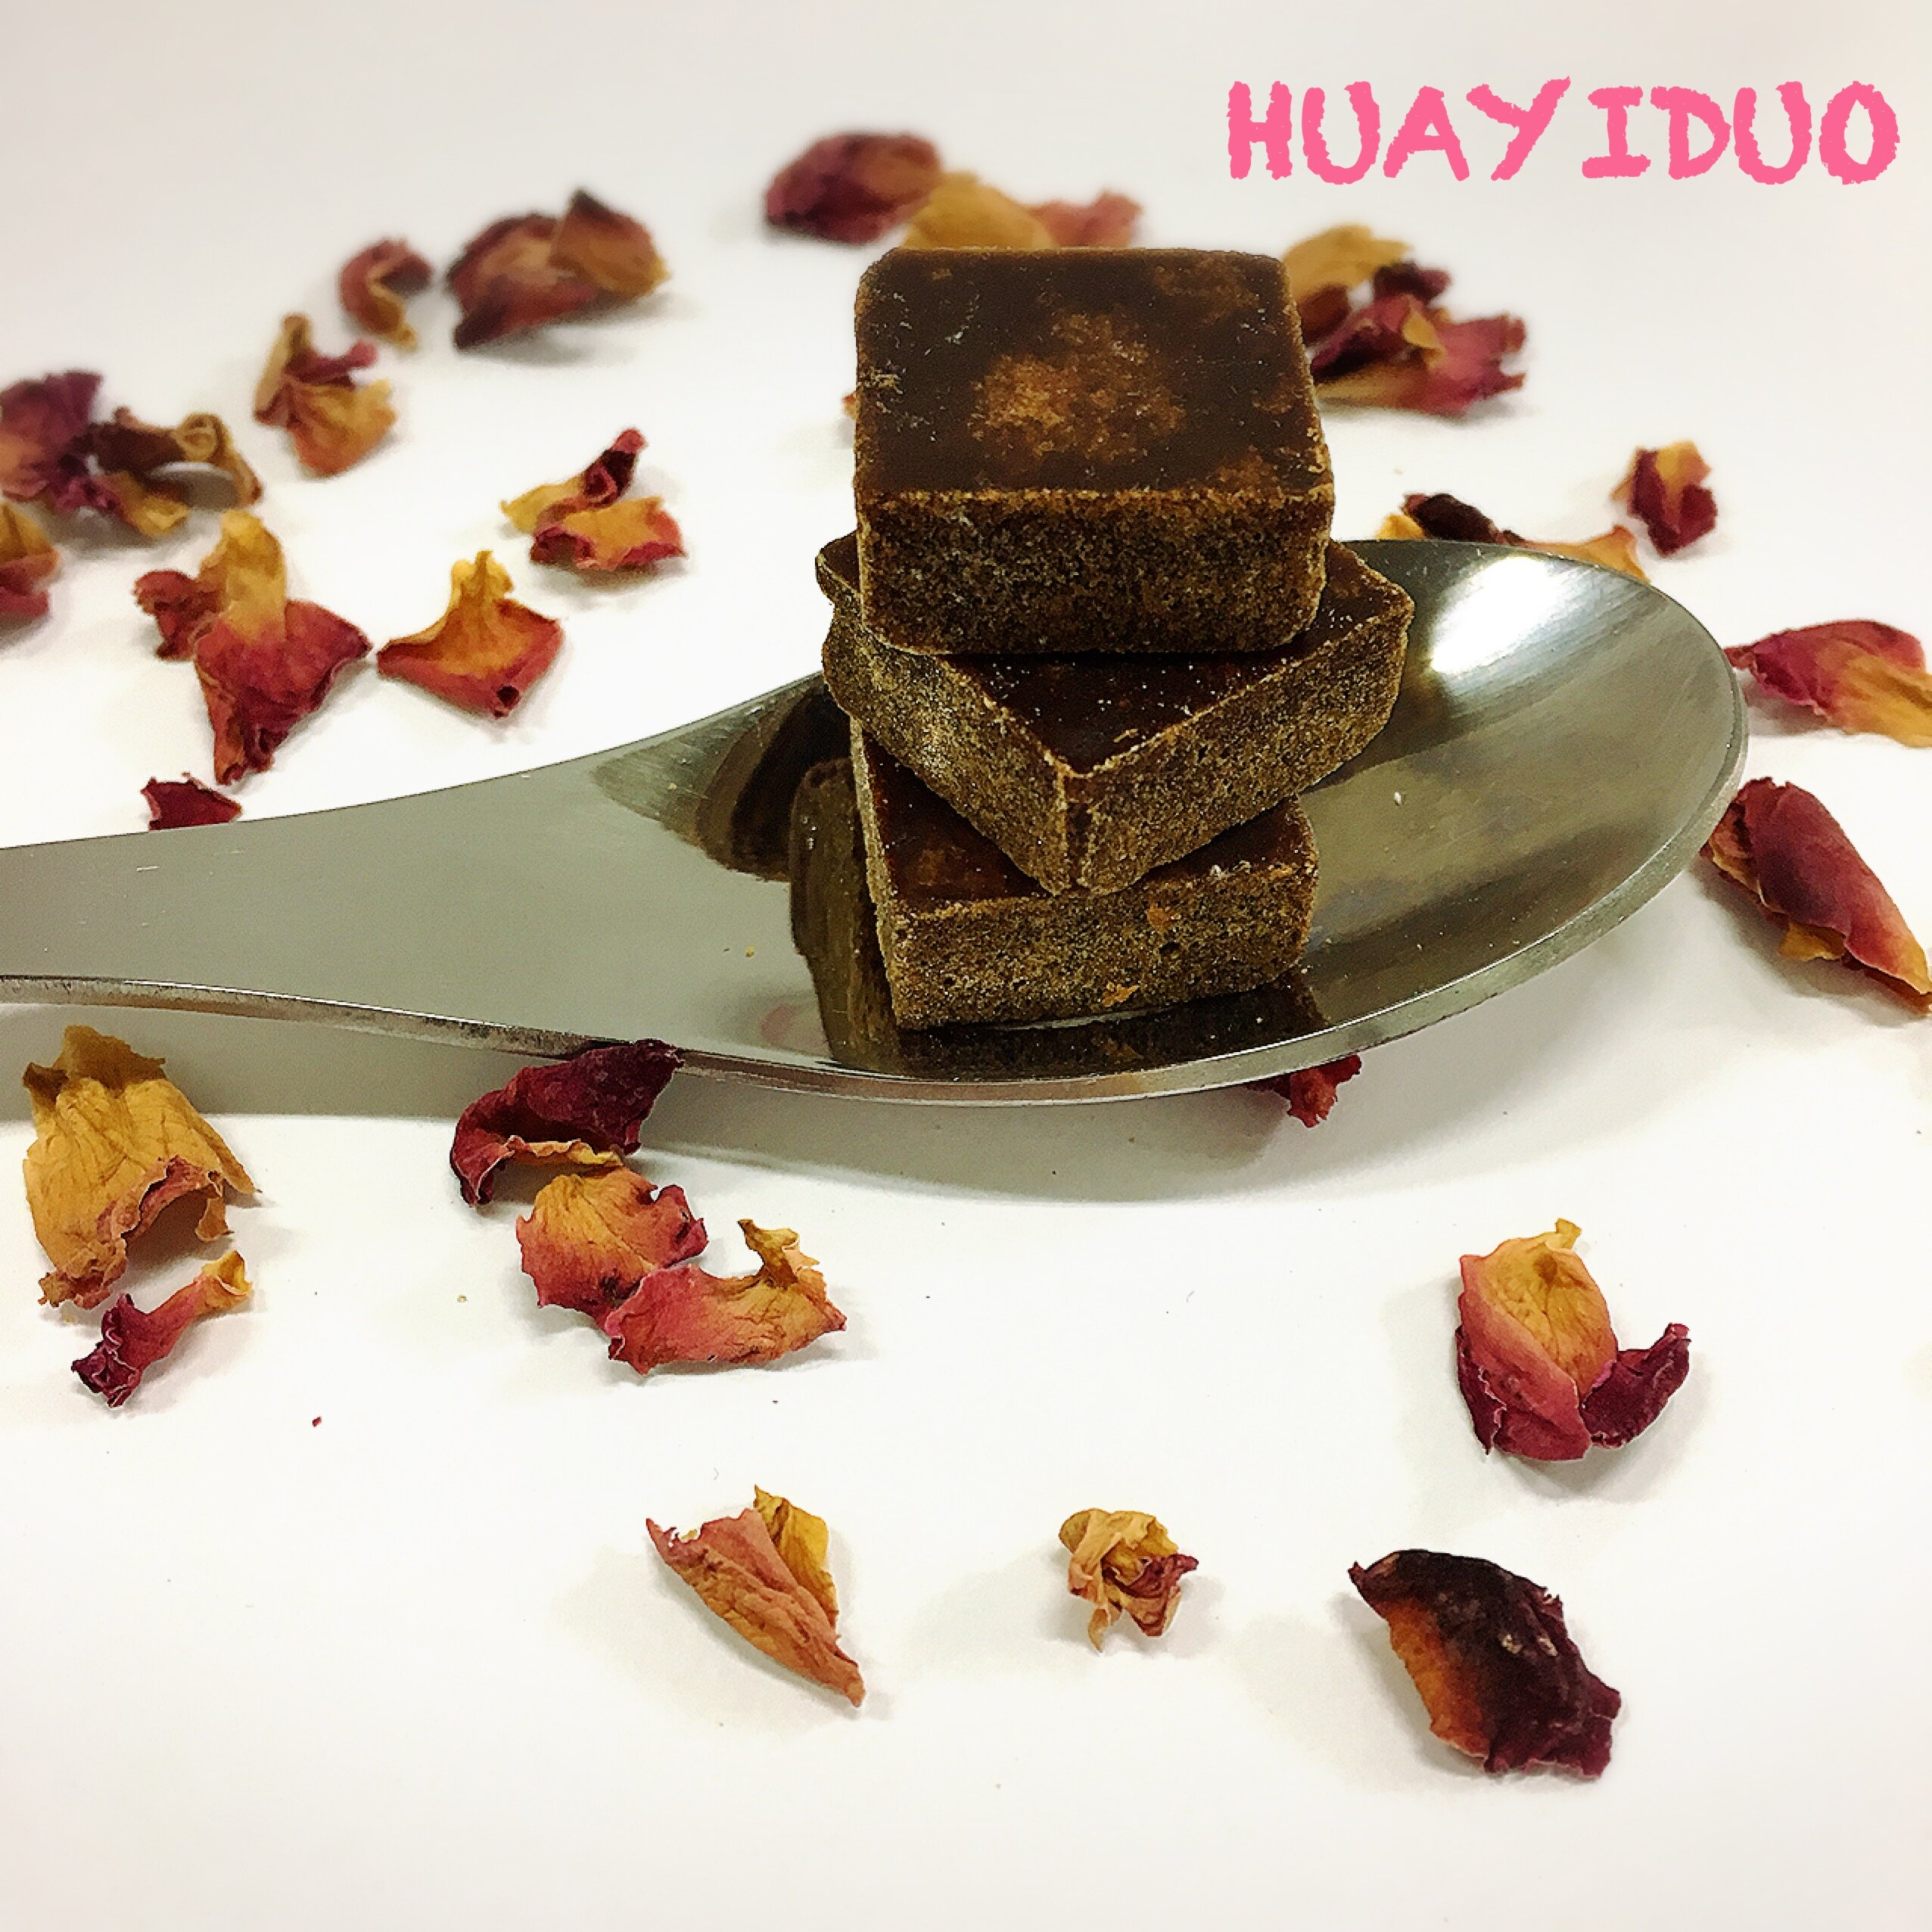 ★年節禮盒特賣【原味小角切黑糖塊】10入/300g 糖果/一口糖